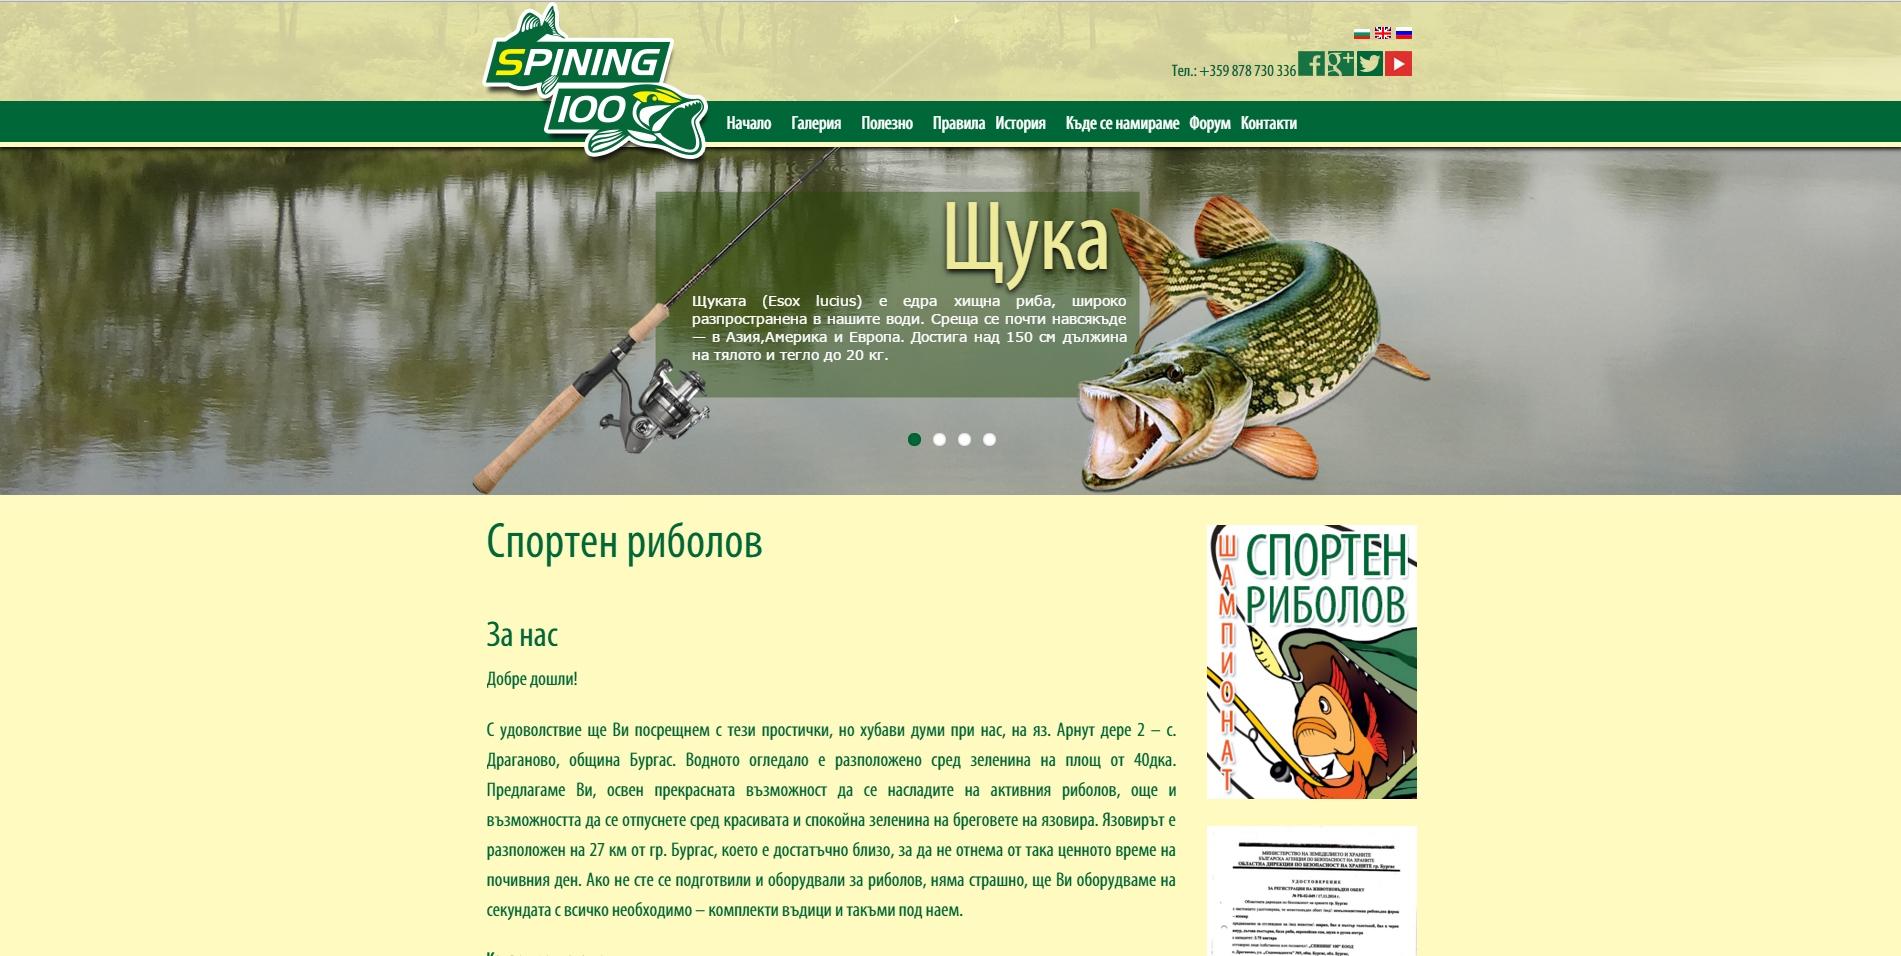 Уеб сайт за спортен риболов